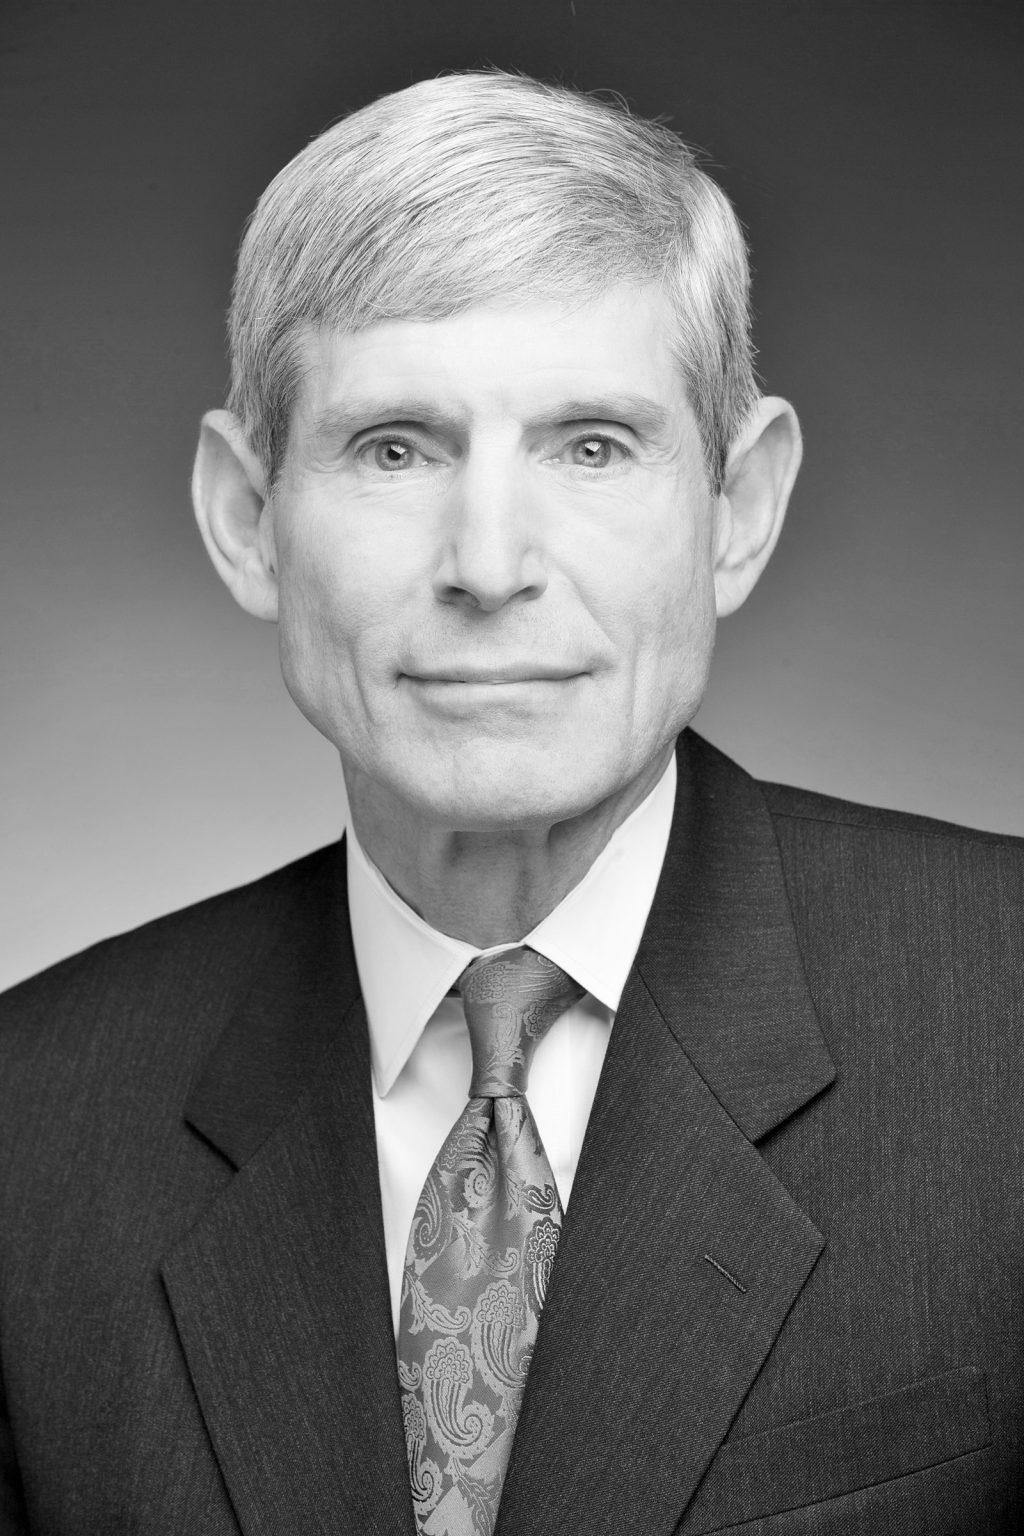 General Norton Schwartz